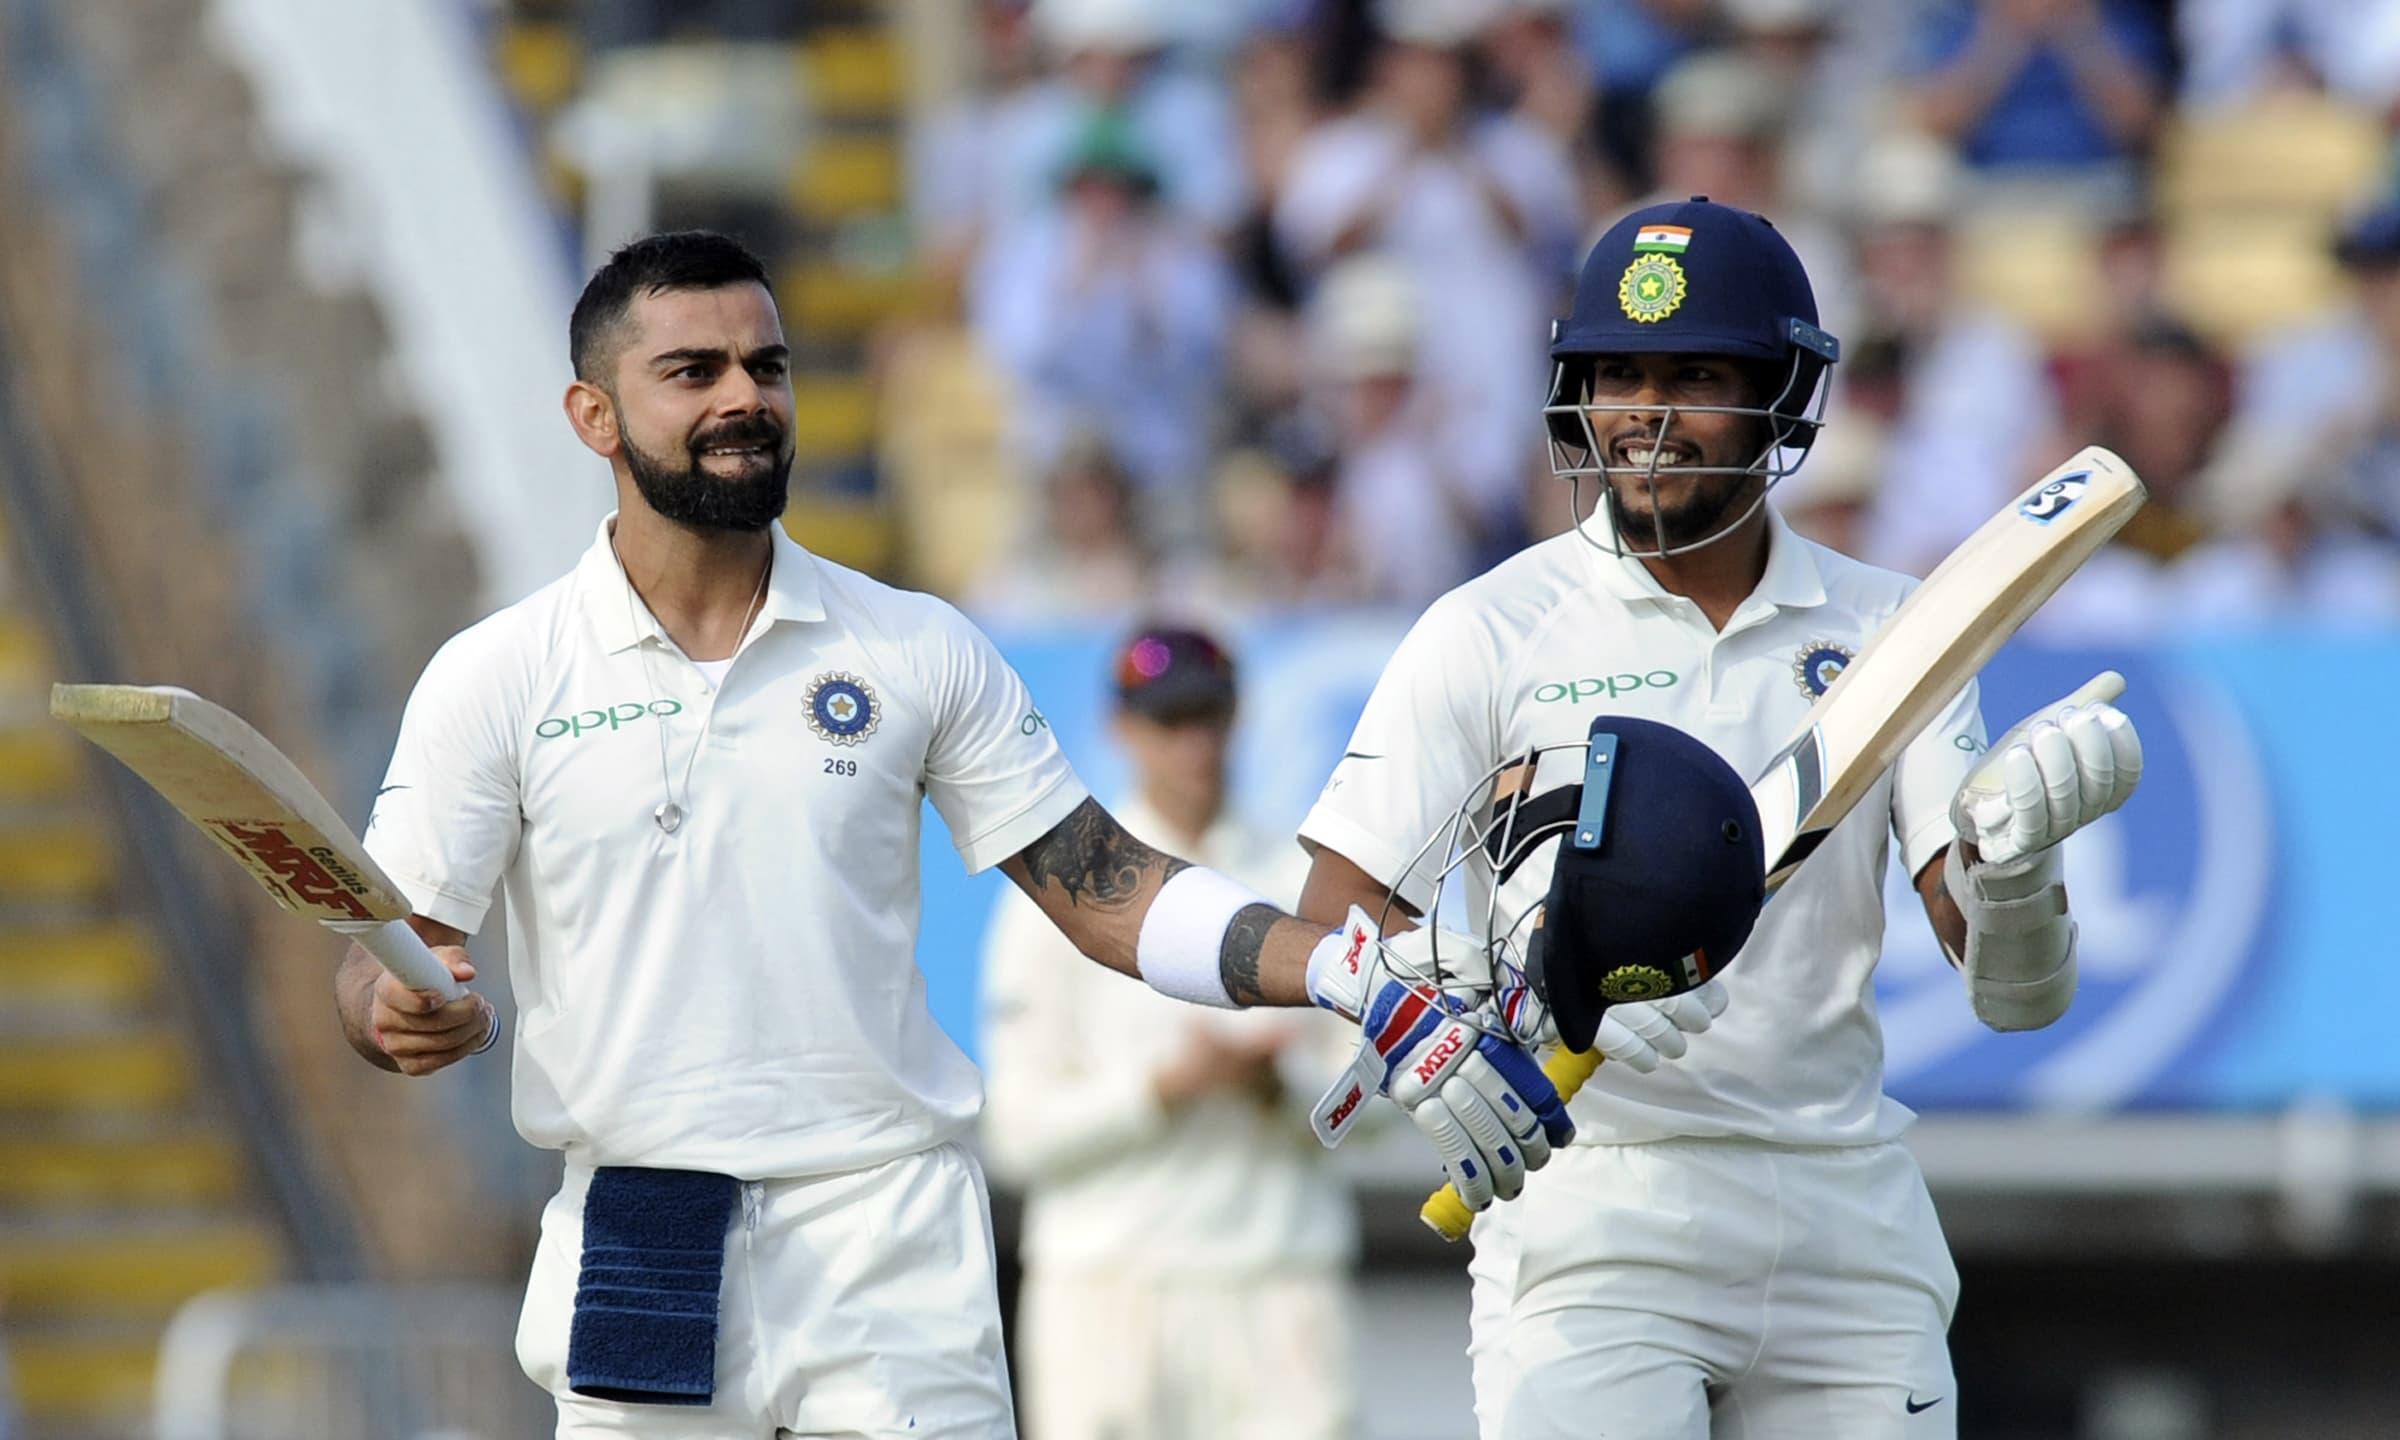 Virat Kohli celebrates after scoring a century, applauded by teammate Umesh Yadav. —AP